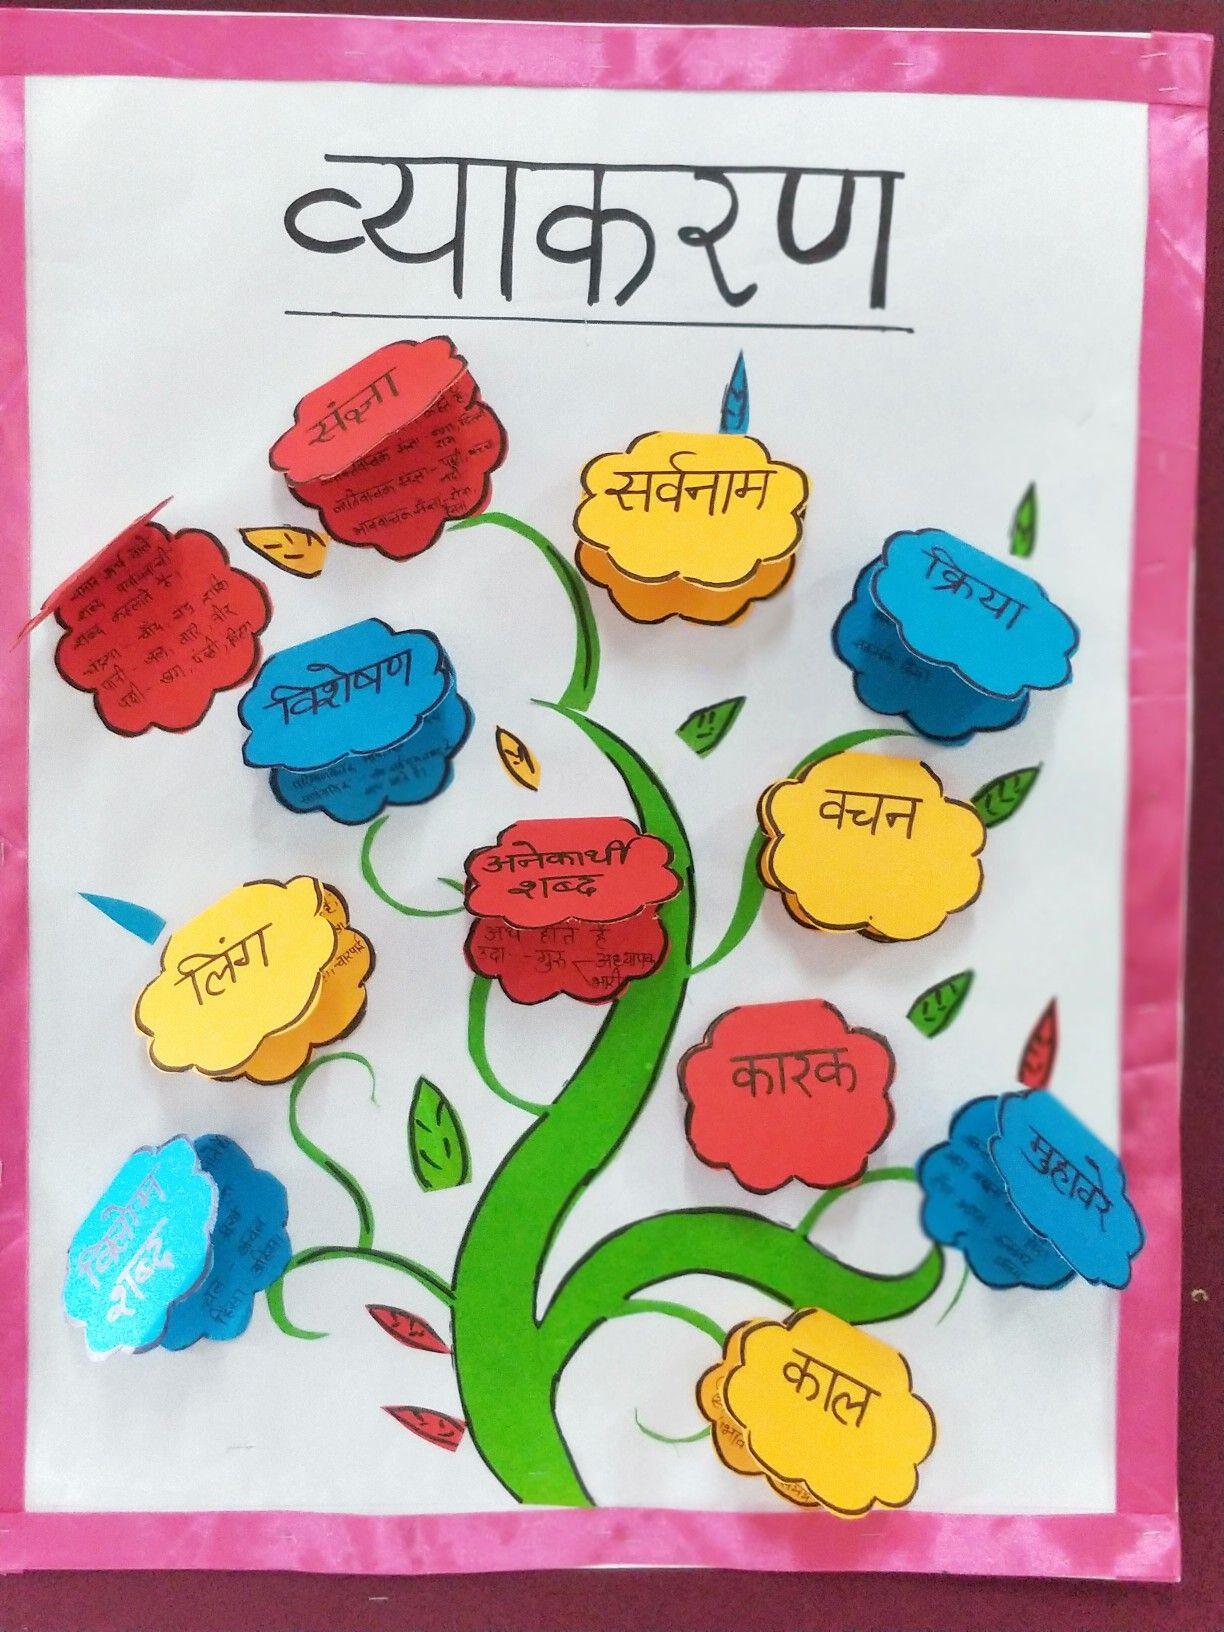 Hindi Vyakaran Chart Hindi Poems For Kids Hindi Language Learning Hindi Worksheets [ 1632 x 1224 Pixel ]